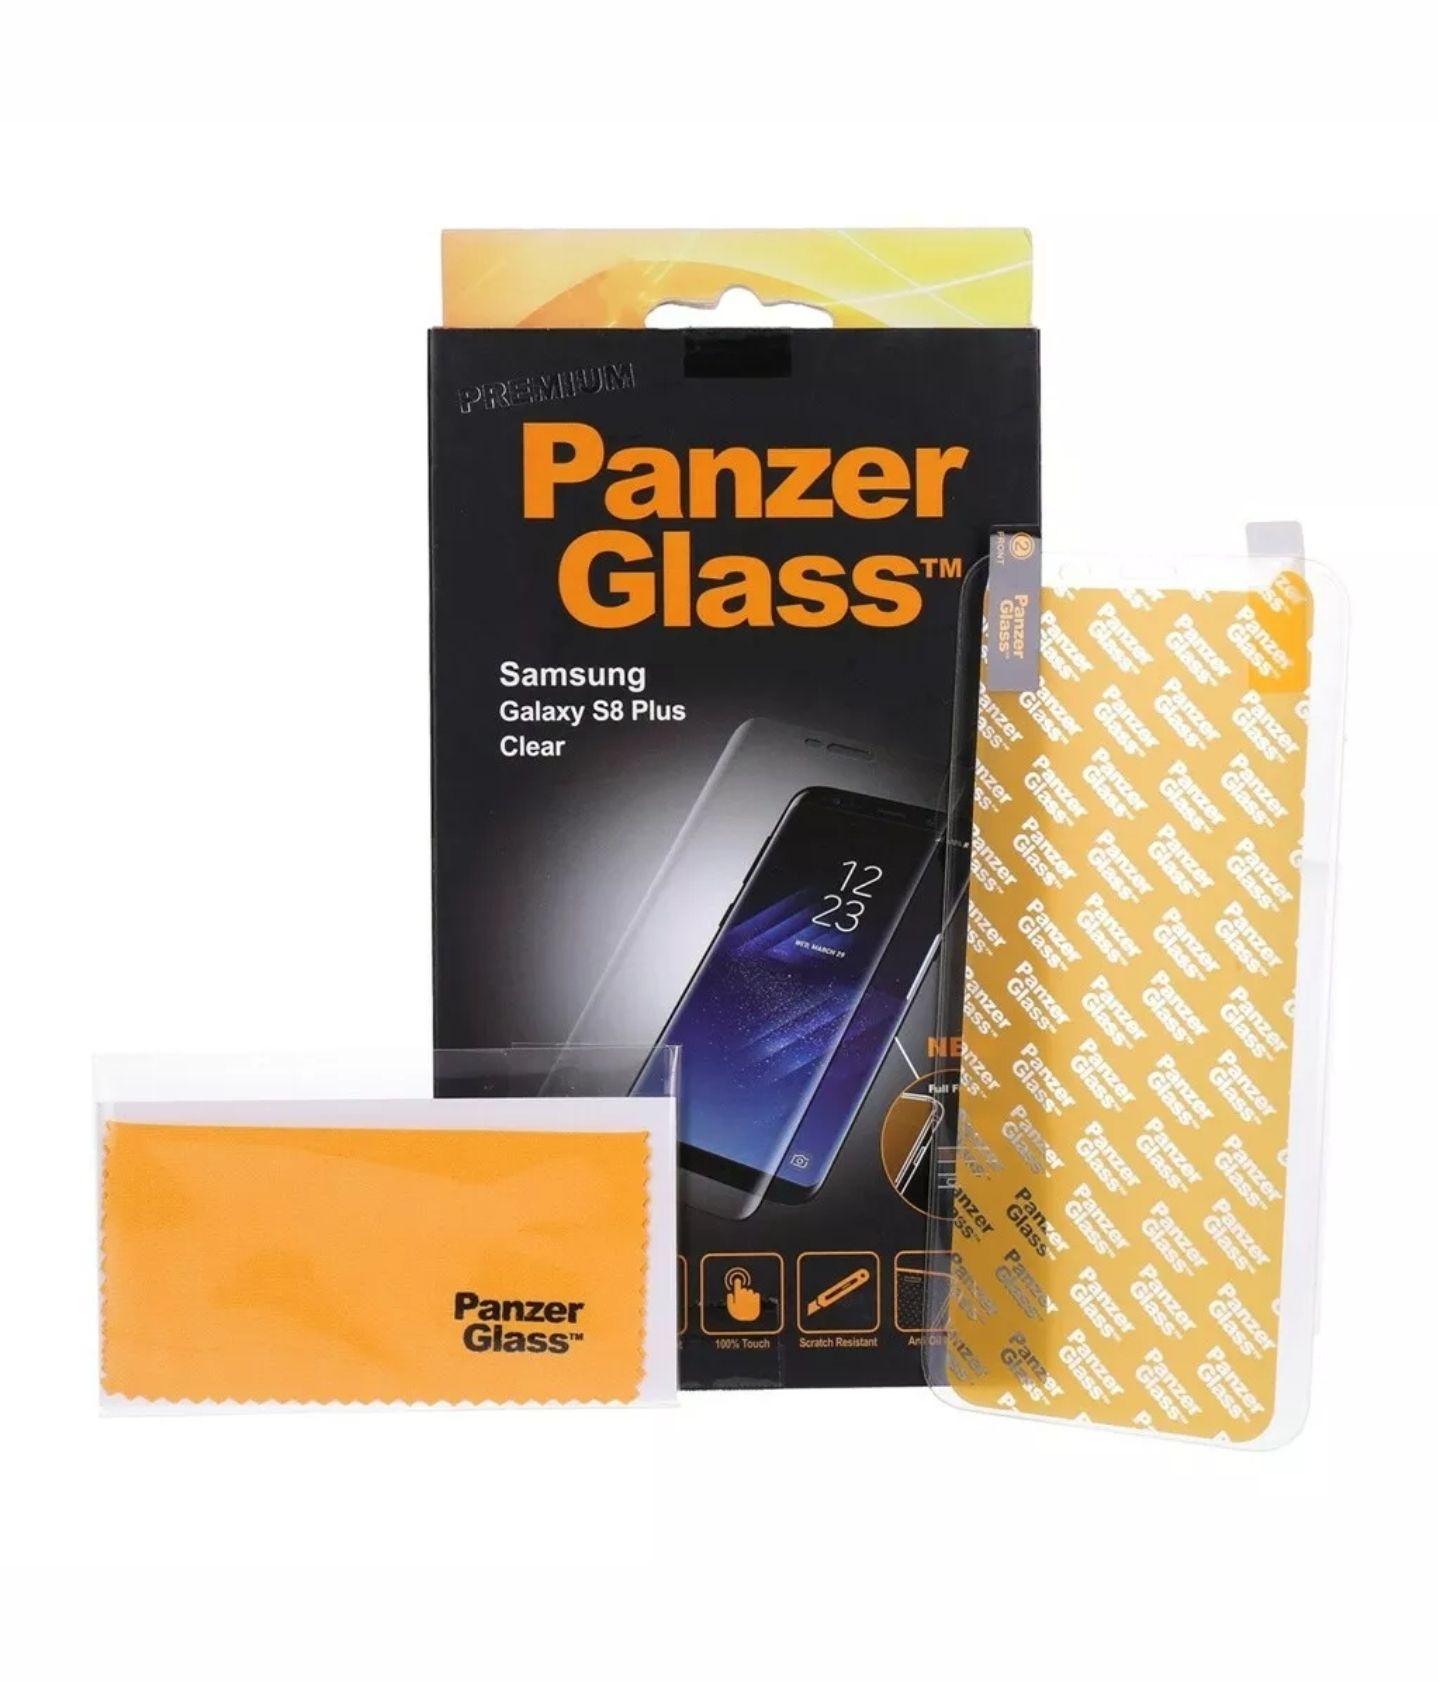 PanzerGlass Displayschutzglas für Samsung Galaxy S8 Plus Neu & OVP